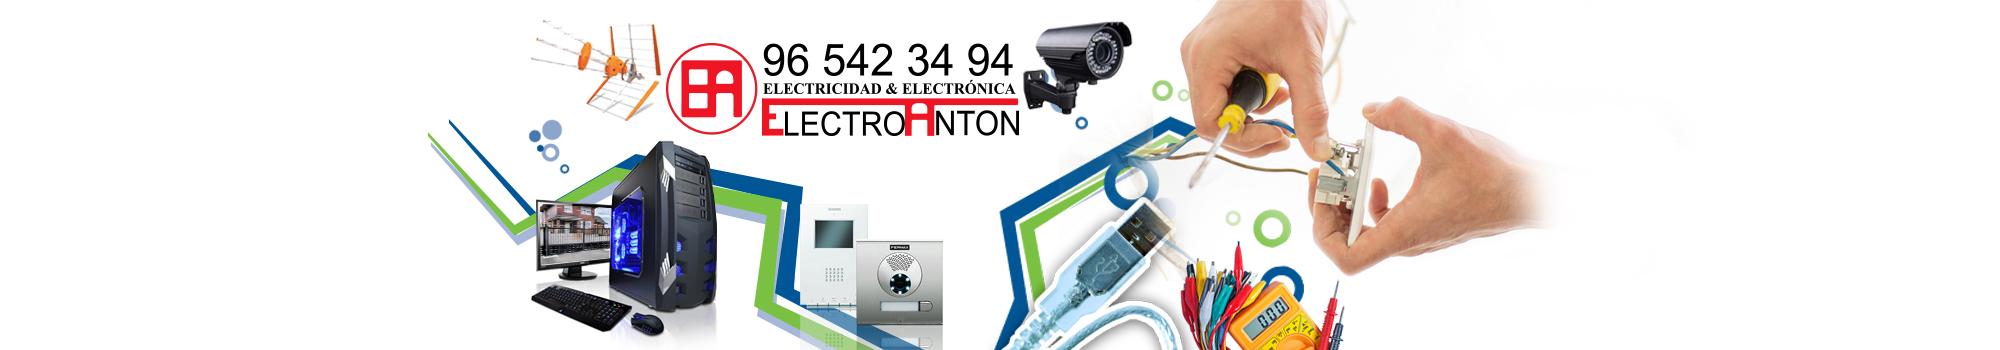 Electricidad en Elche, sistemas electrónicos automatización Elche, suministro energía Elche,